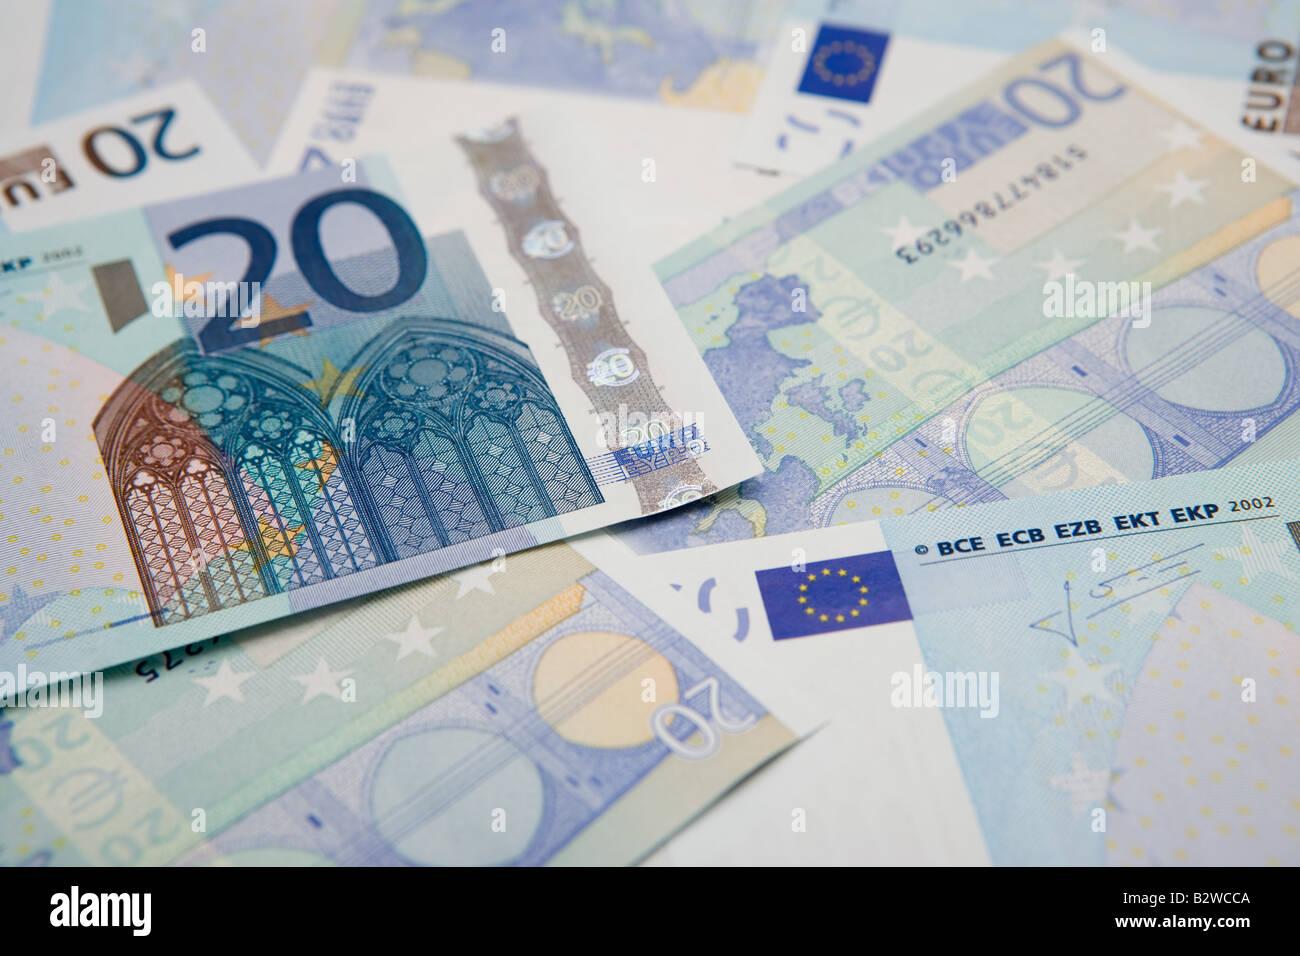 Twenty euro notes - Stock Image